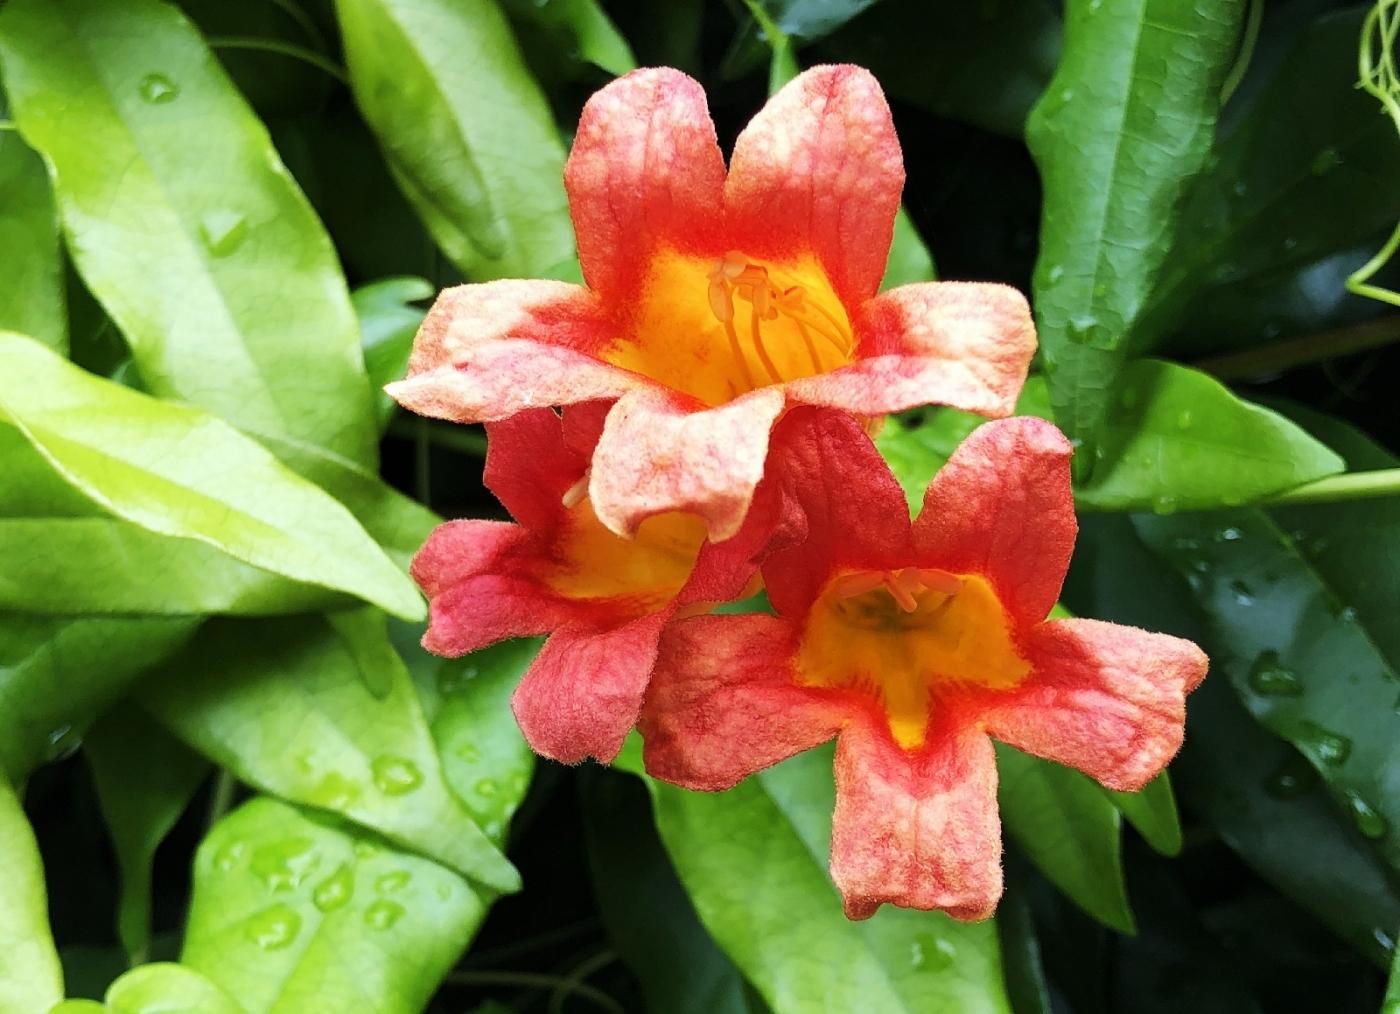 【田螺随拍】我今年种的蜂鸟喜欢吃的花都开了_图1-27